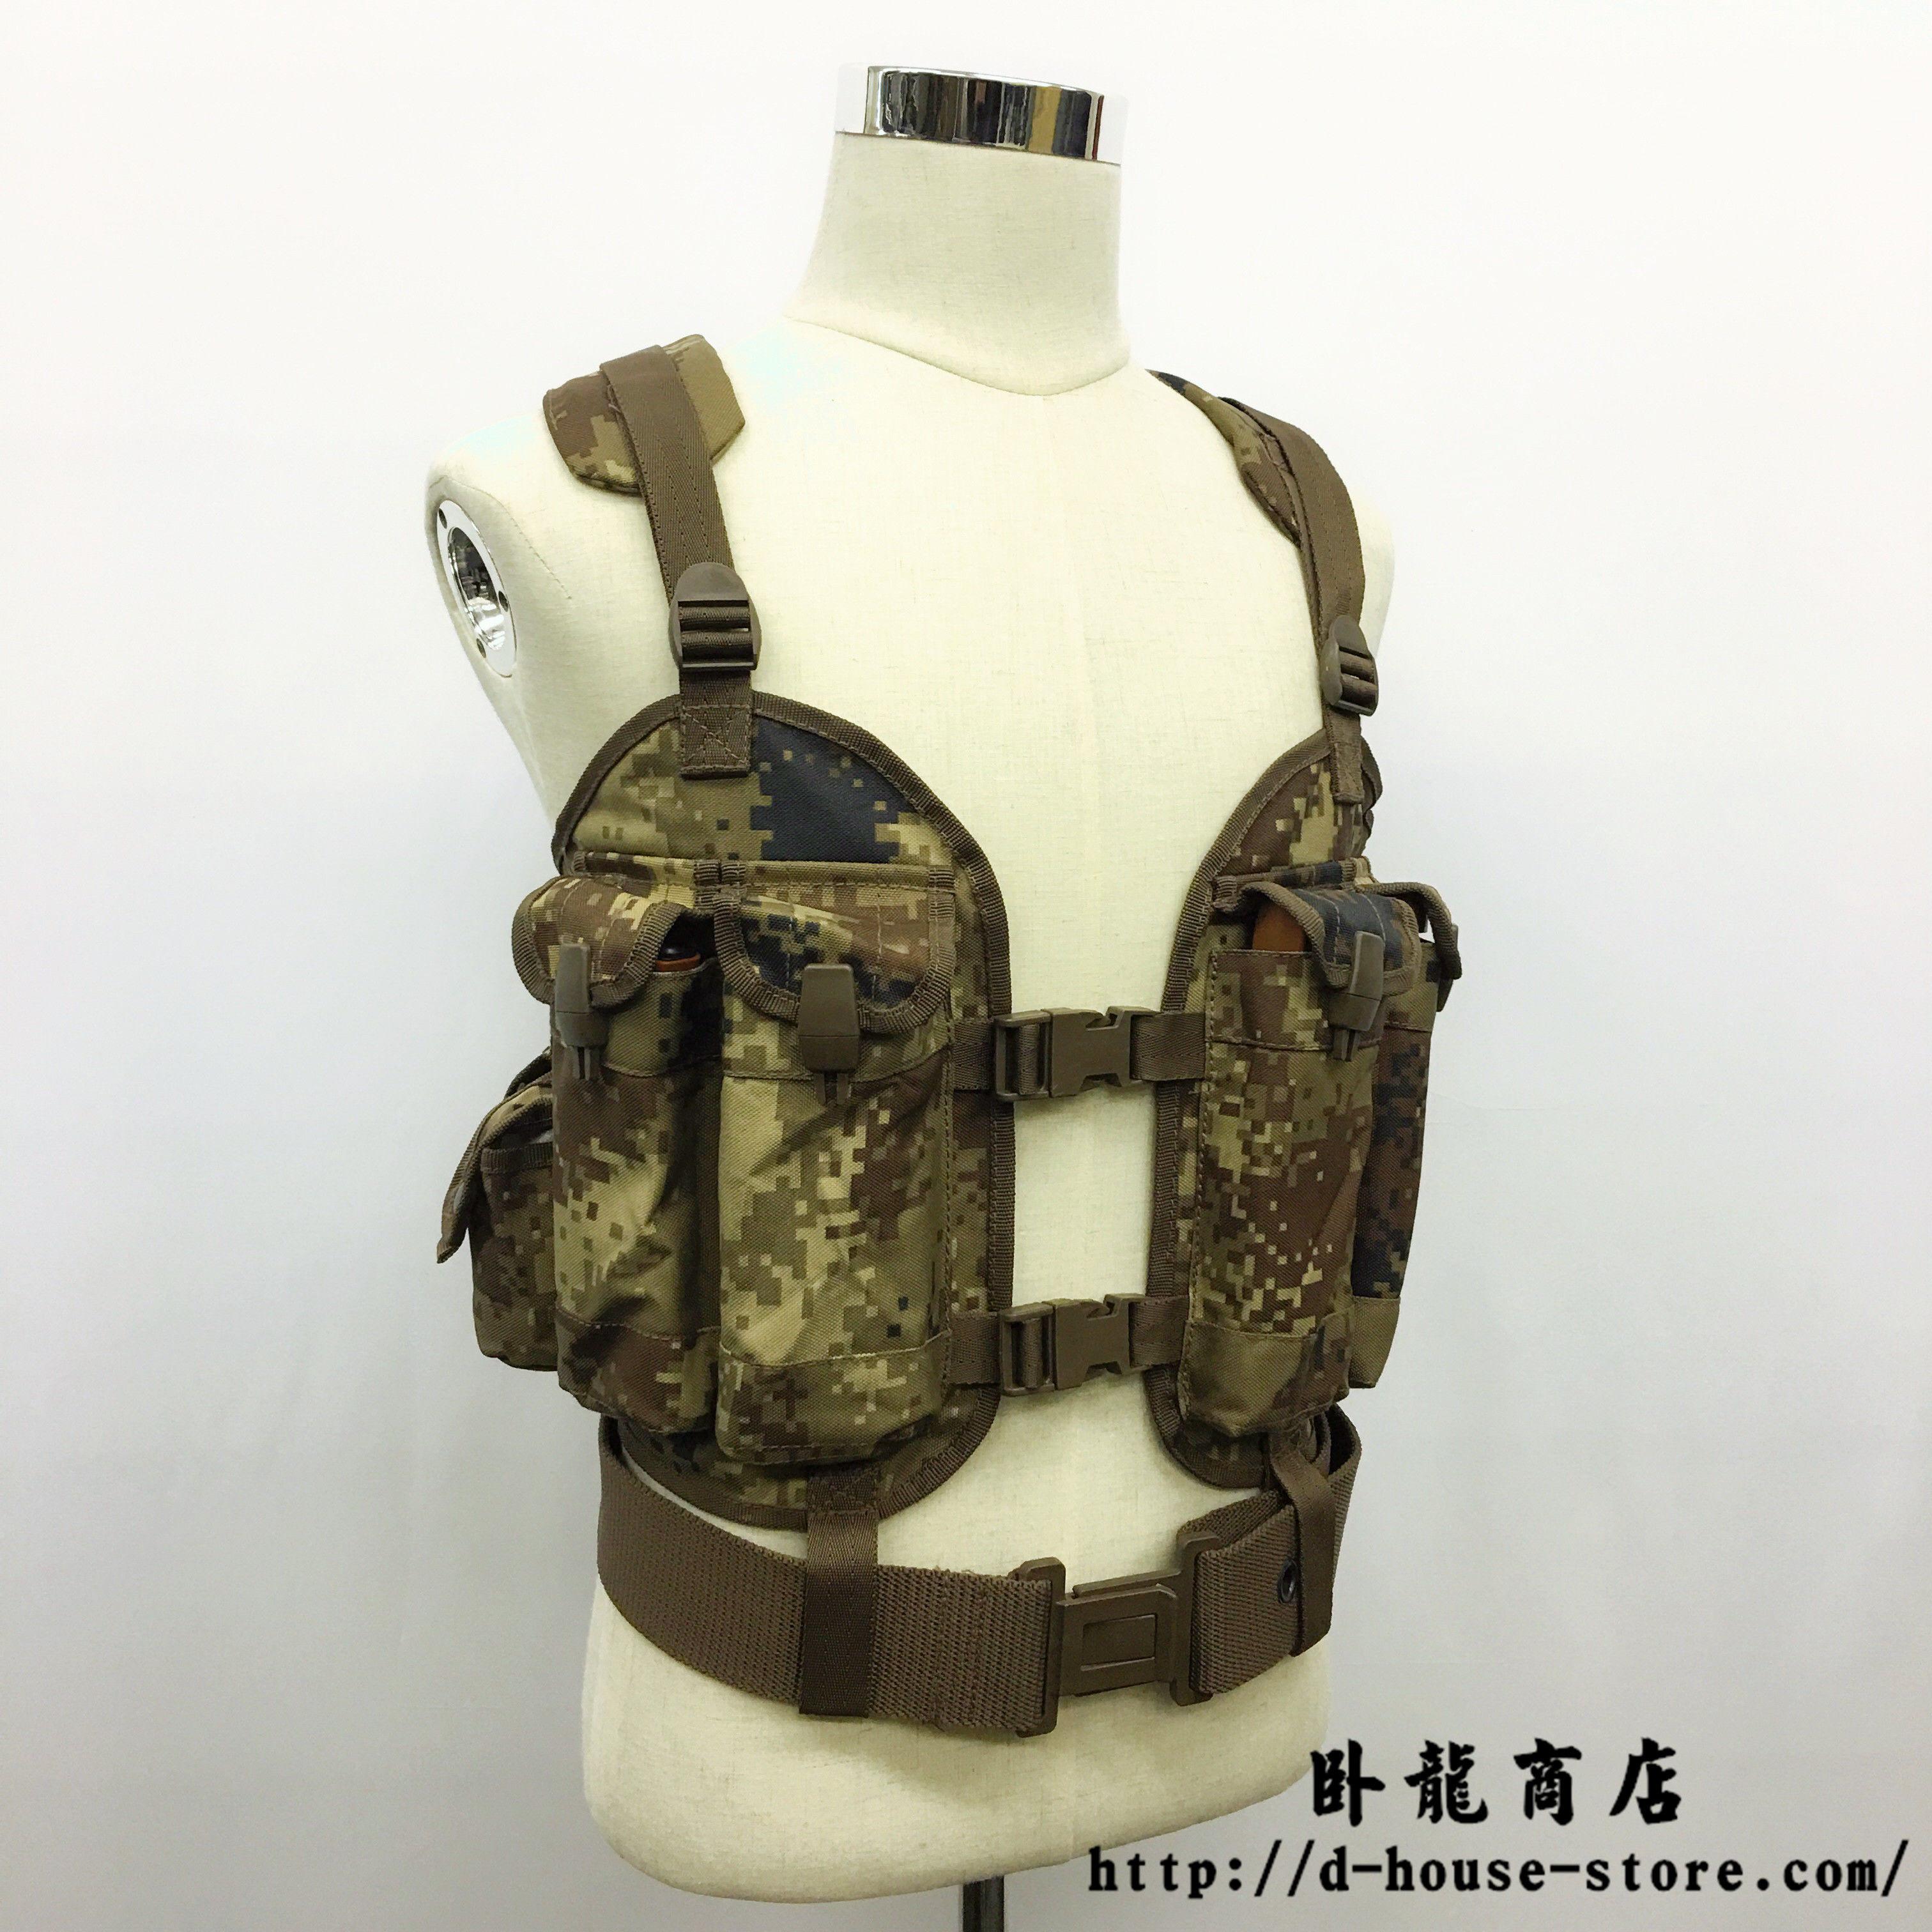 【荒漠迷彩】PLA 95式 単兵携行装具